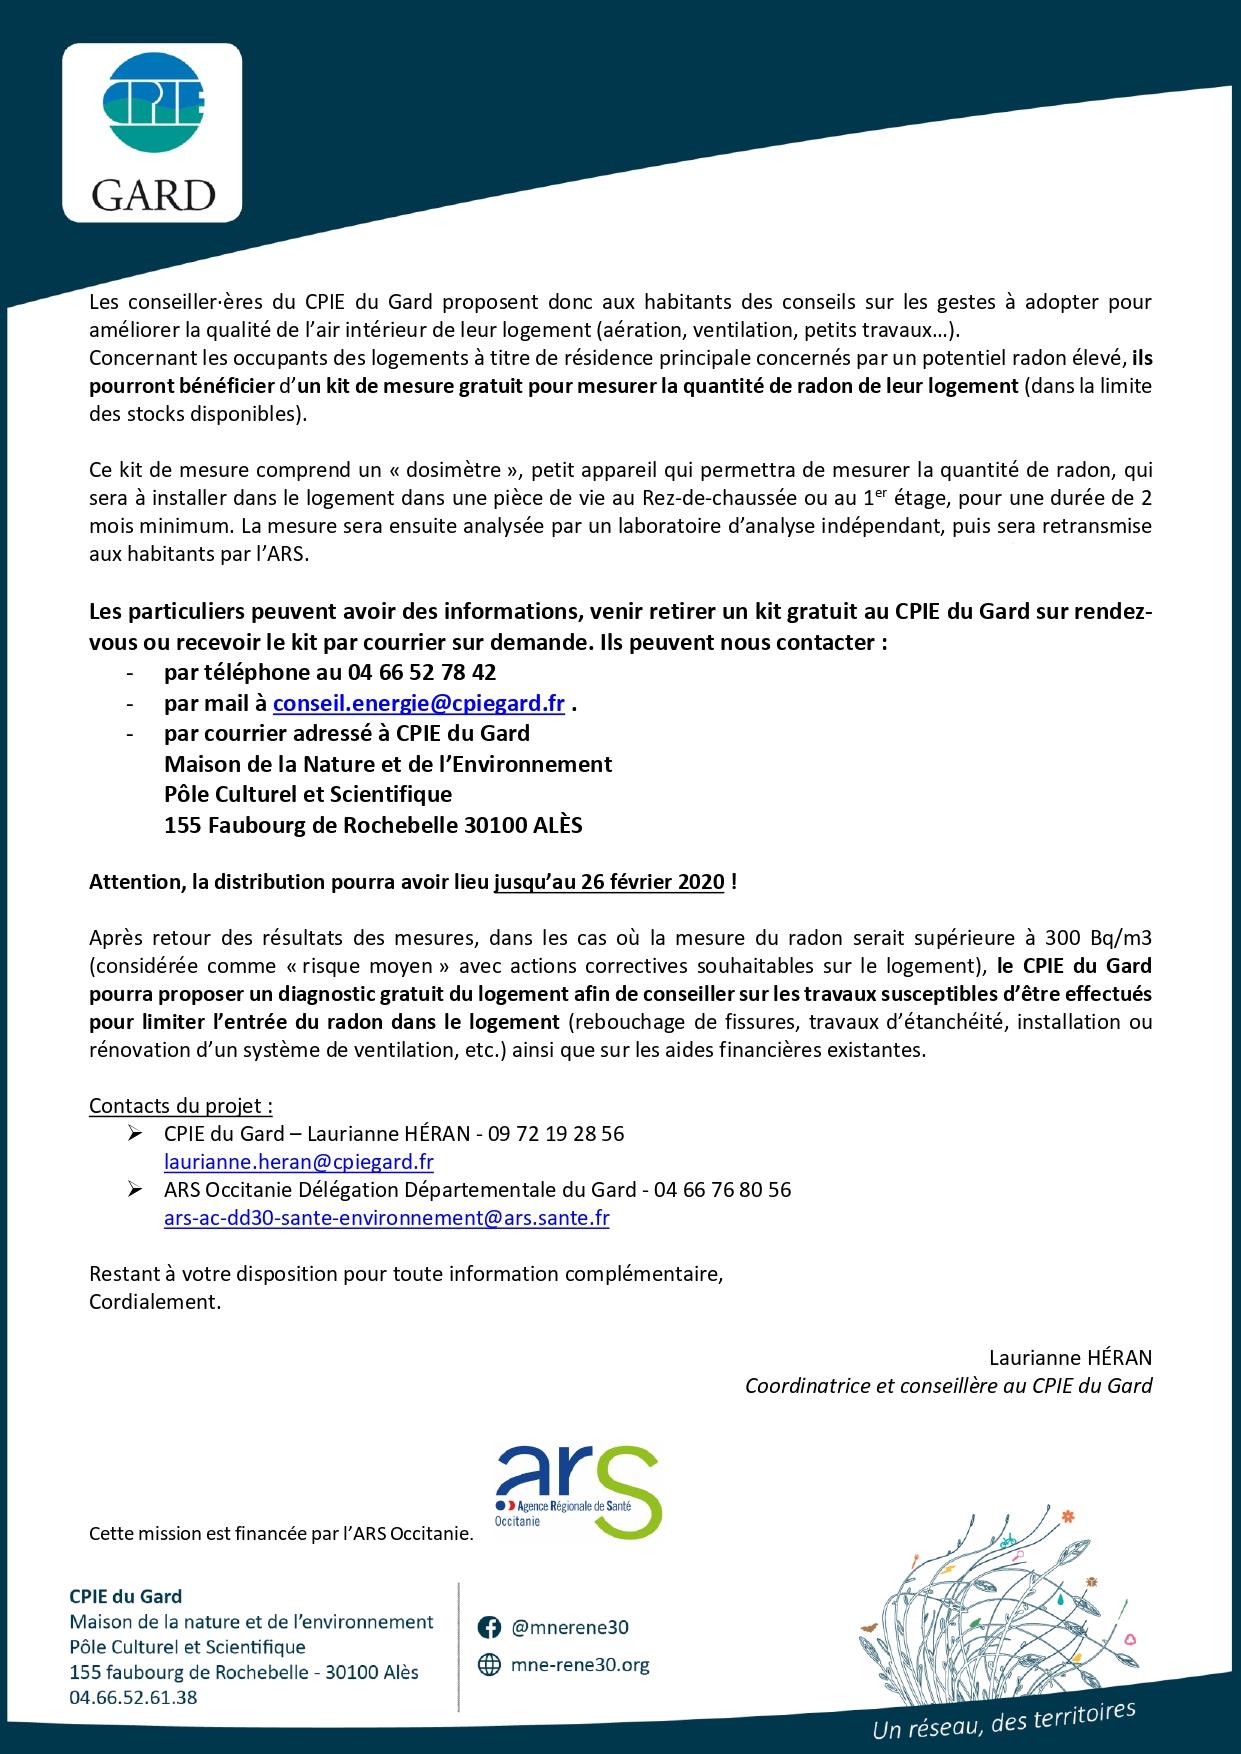 Communiqué de presse du CPIE du _Gard - Campagne de mesure du rad_on 20-21 ARS_page-0002.jpg